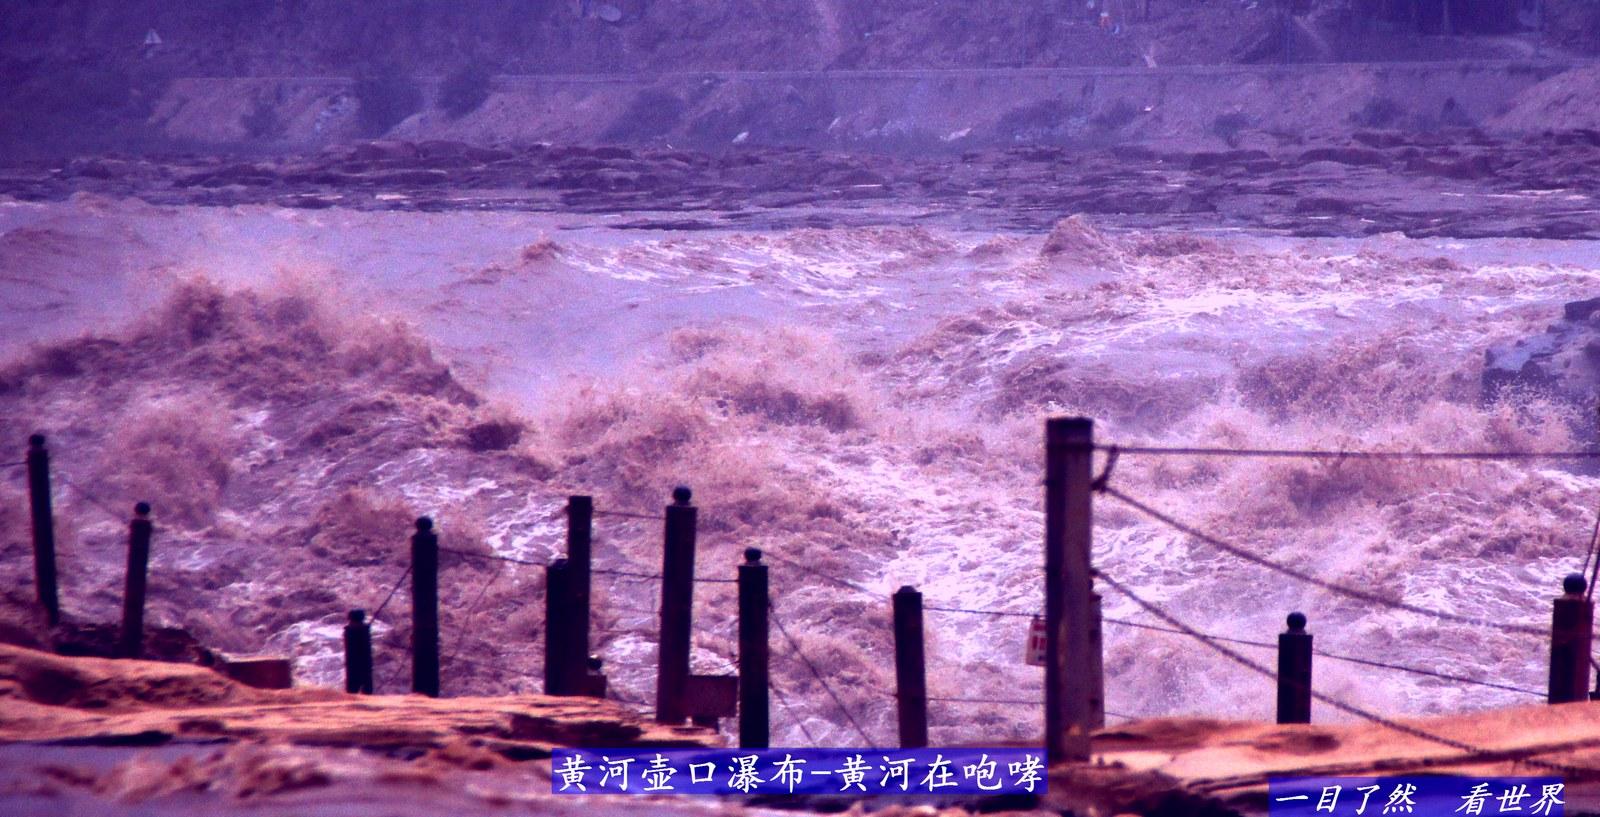 黄河壶口瀑布-012-1600.jpg